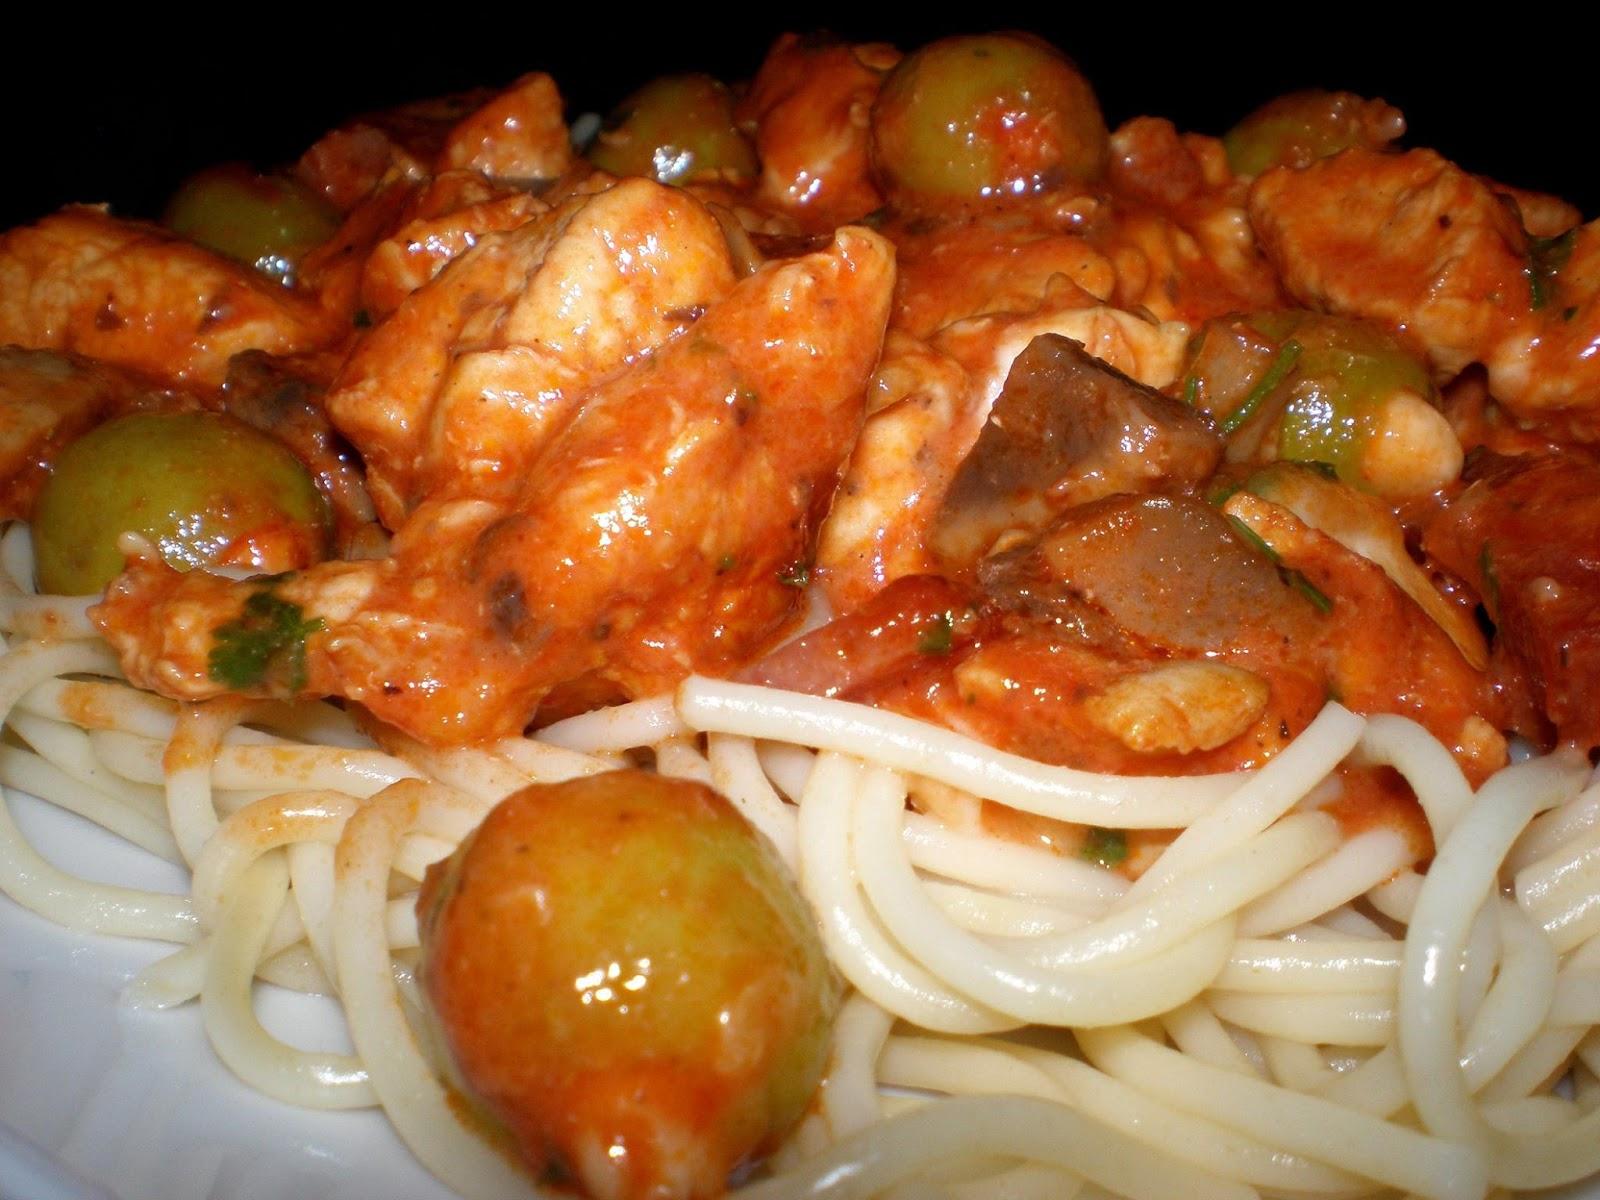 Spaghetti cu piept de pui, măsline umplute cu migdale și cubulețe de mozzarella